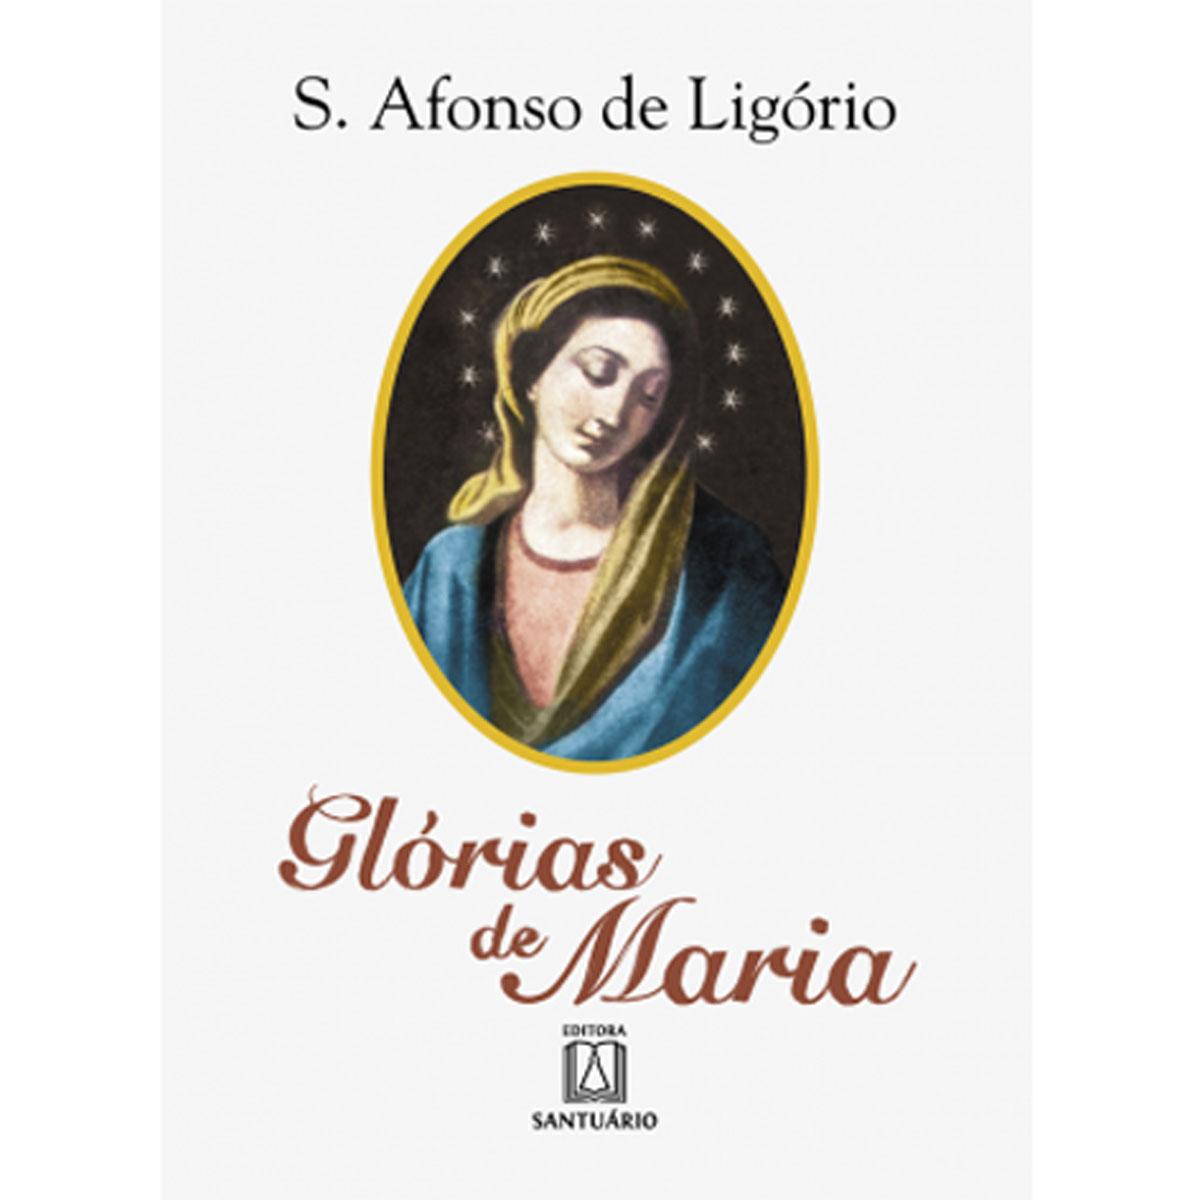 Livro Glórias de Maria - S. Afonso de Ligório